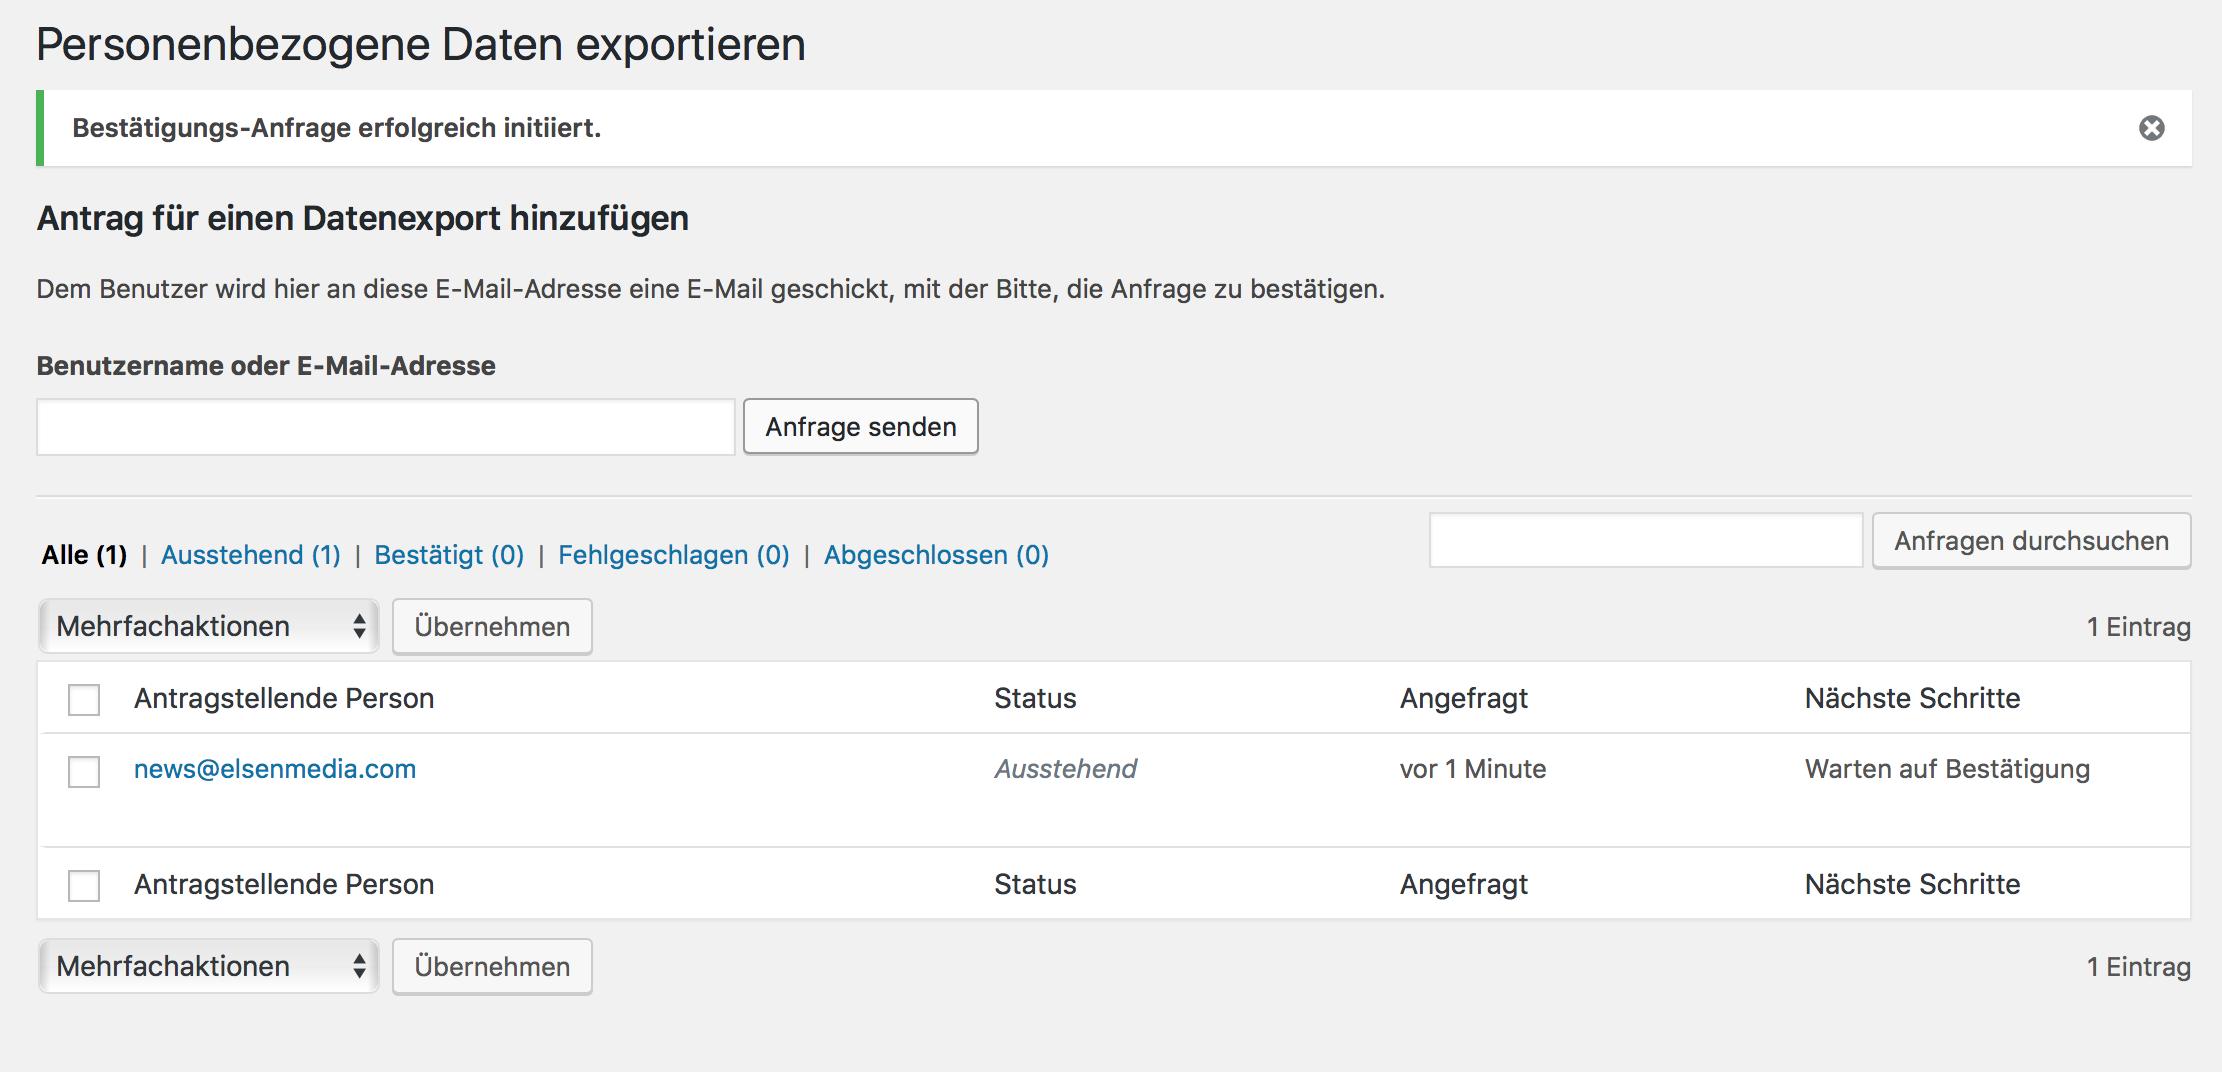 Personenbezogene Daten exportieren mit dem WordPress DSGVO Update